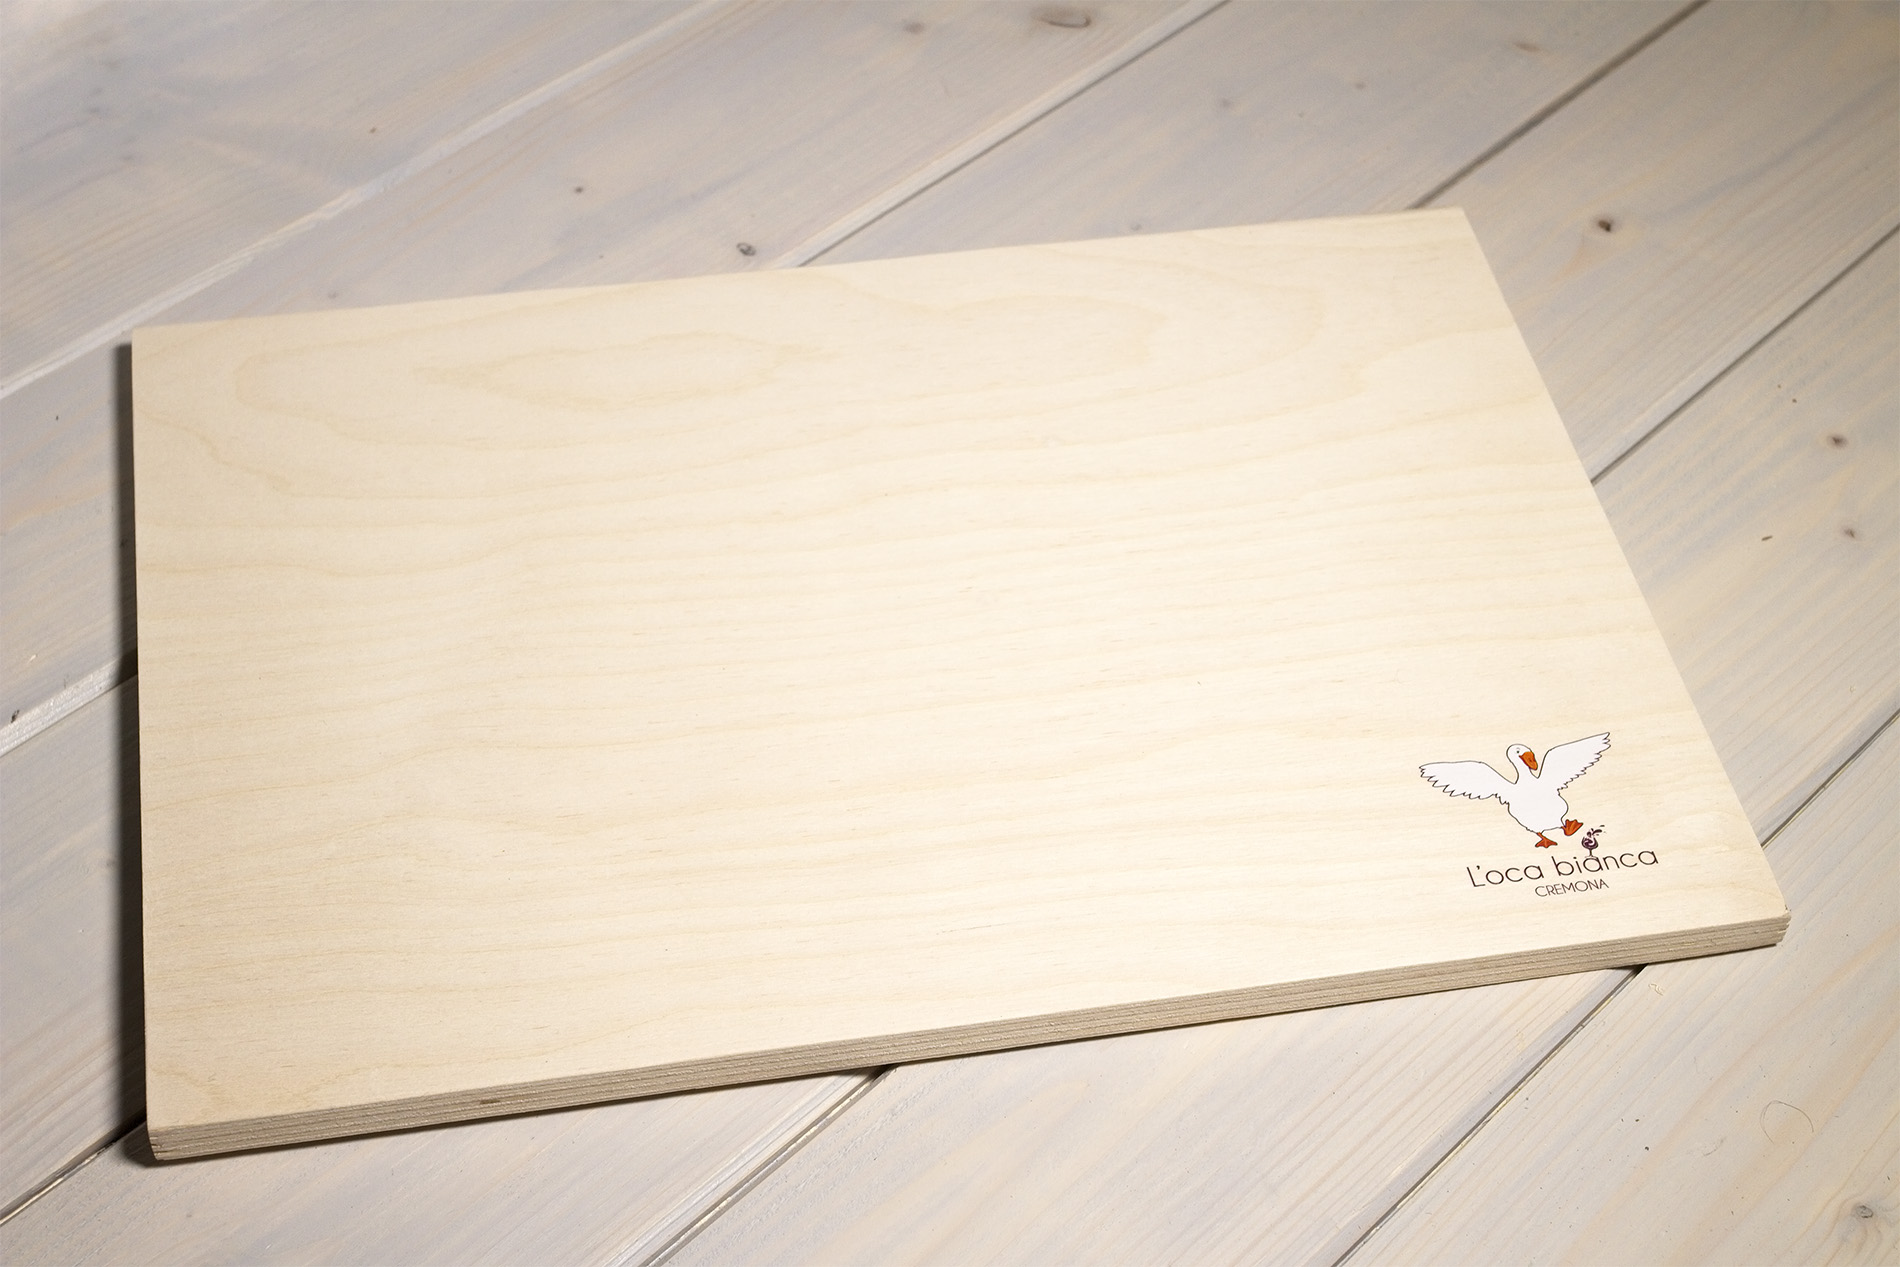 Chianchiere - Tagliere In Legno Personalizzato - L'Oca Bianca